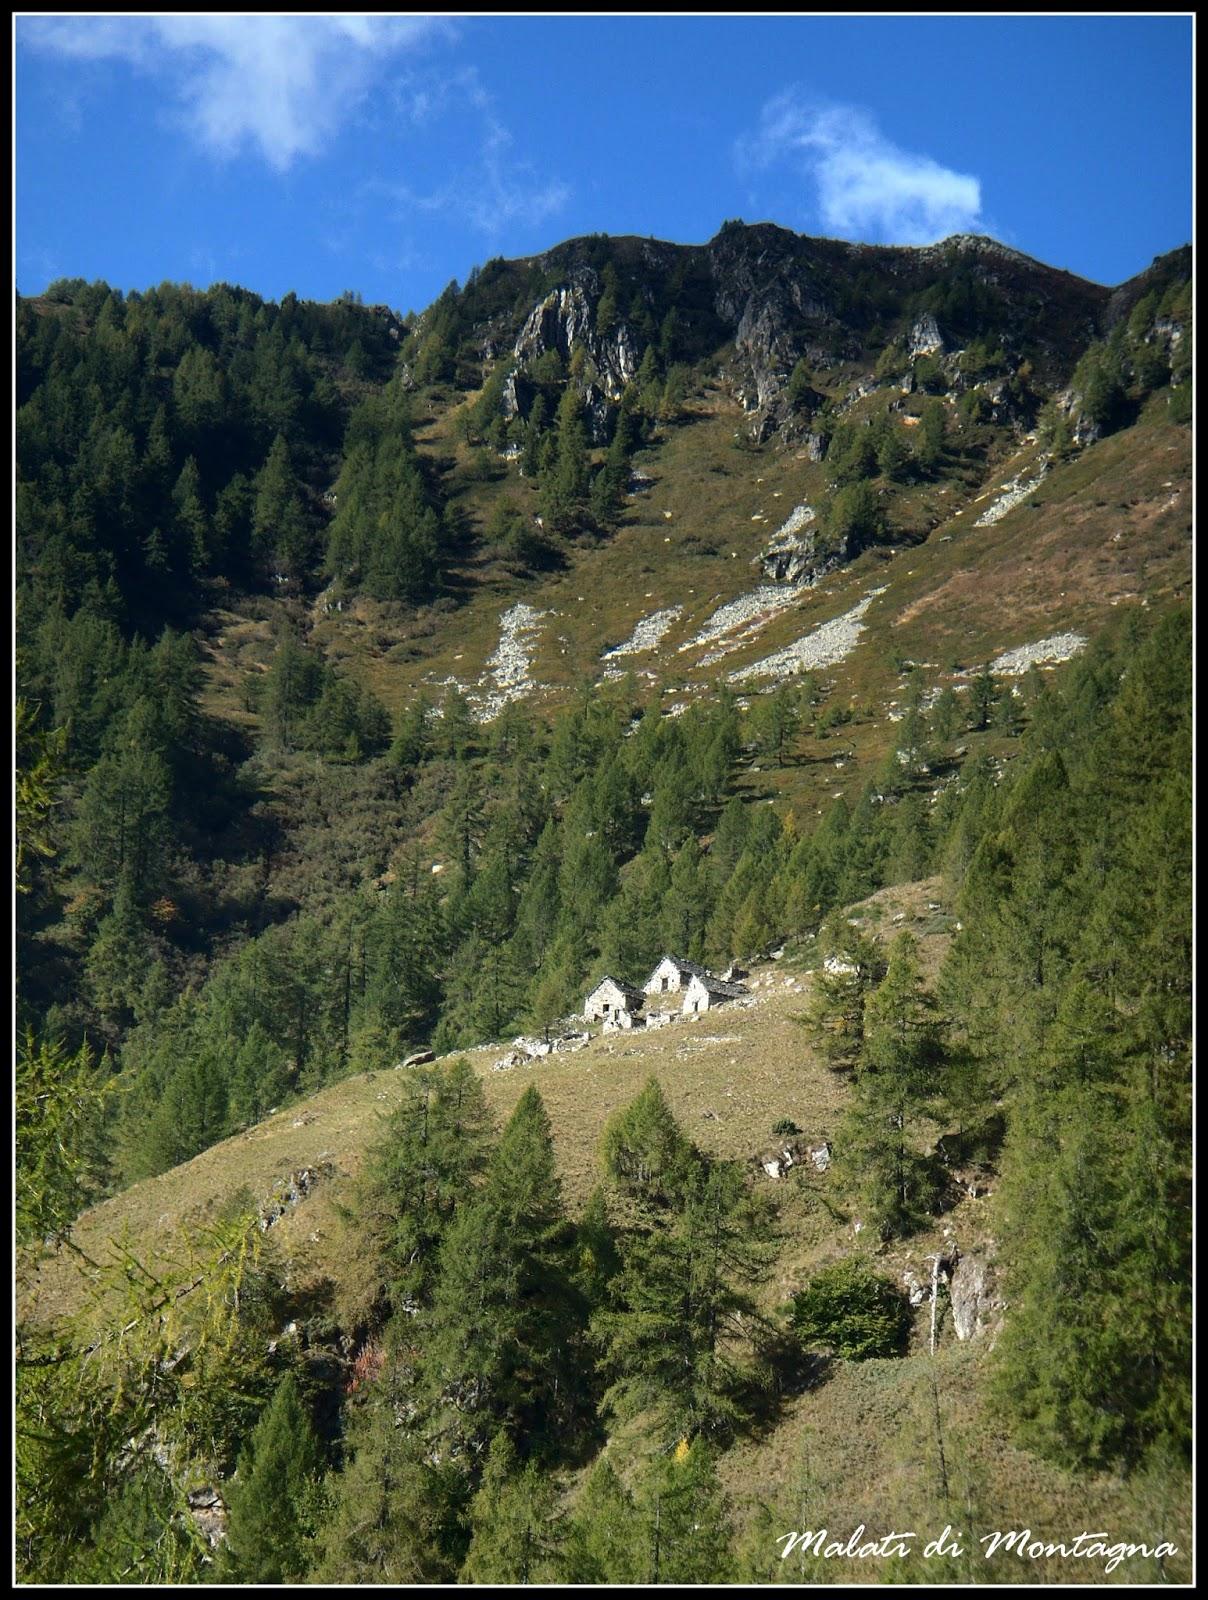 Malati di montagna alla ricerca dei cusciui - Riscaldare velocemente casa montagna ...